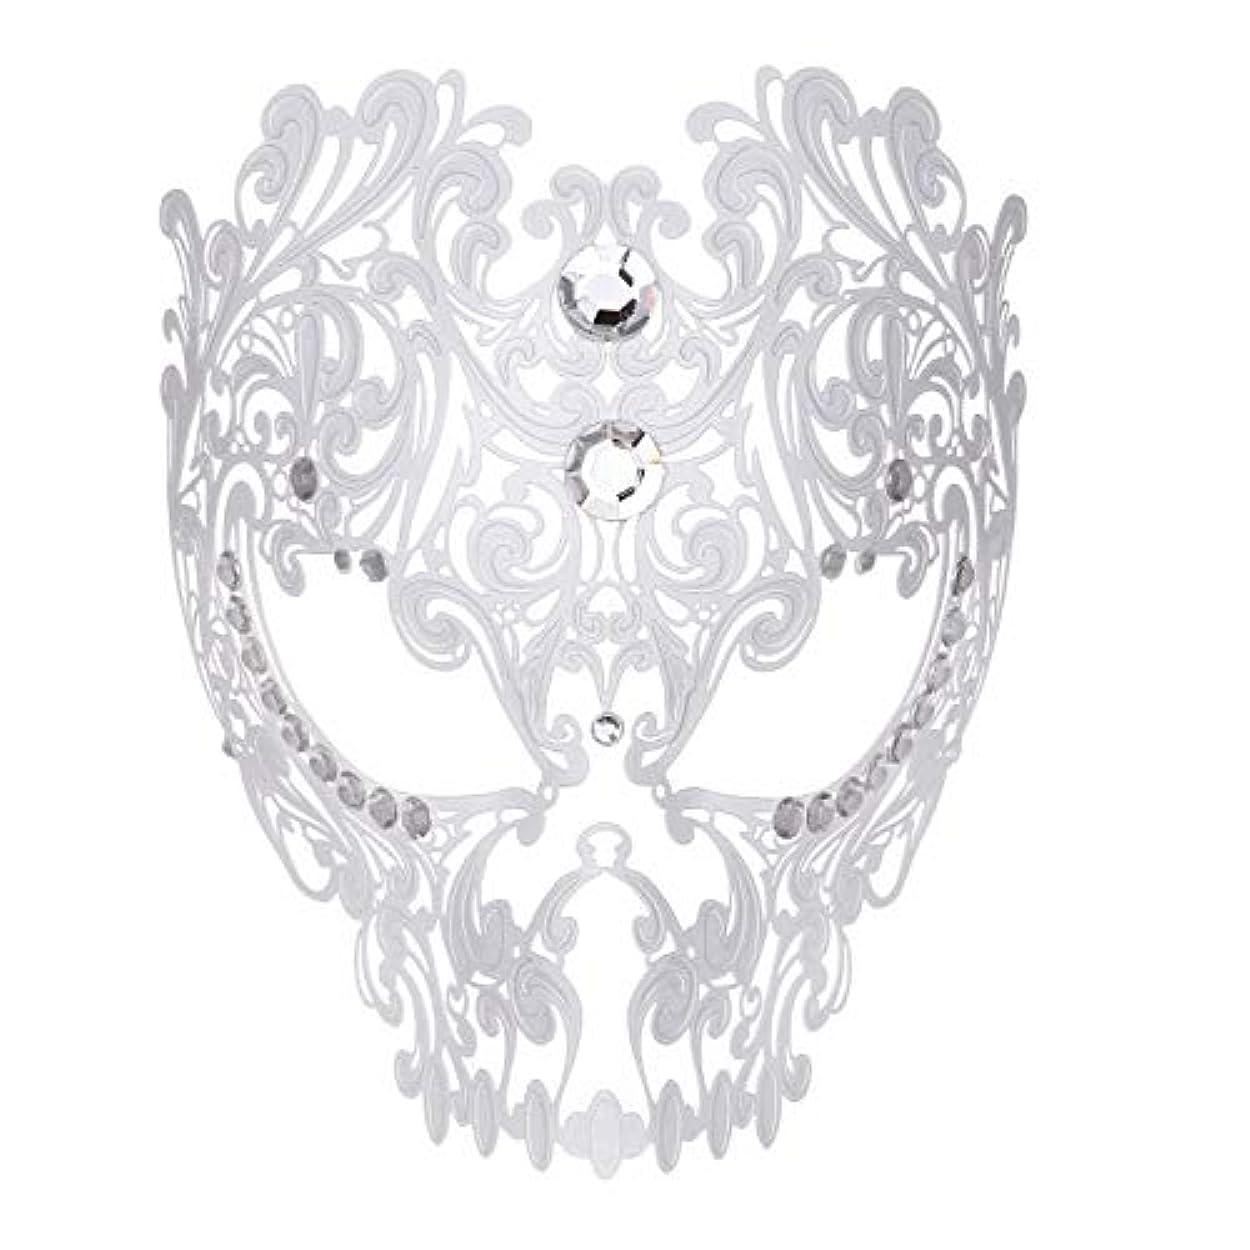 メイド評決自己尊重ダンスマスク フルフェイスエナメル金属象眼細工中空マスクナイトクラブパーティーロールプレイングマスカレードマスク パーティーボールマスク (色 : 白, サイズ : Universal)